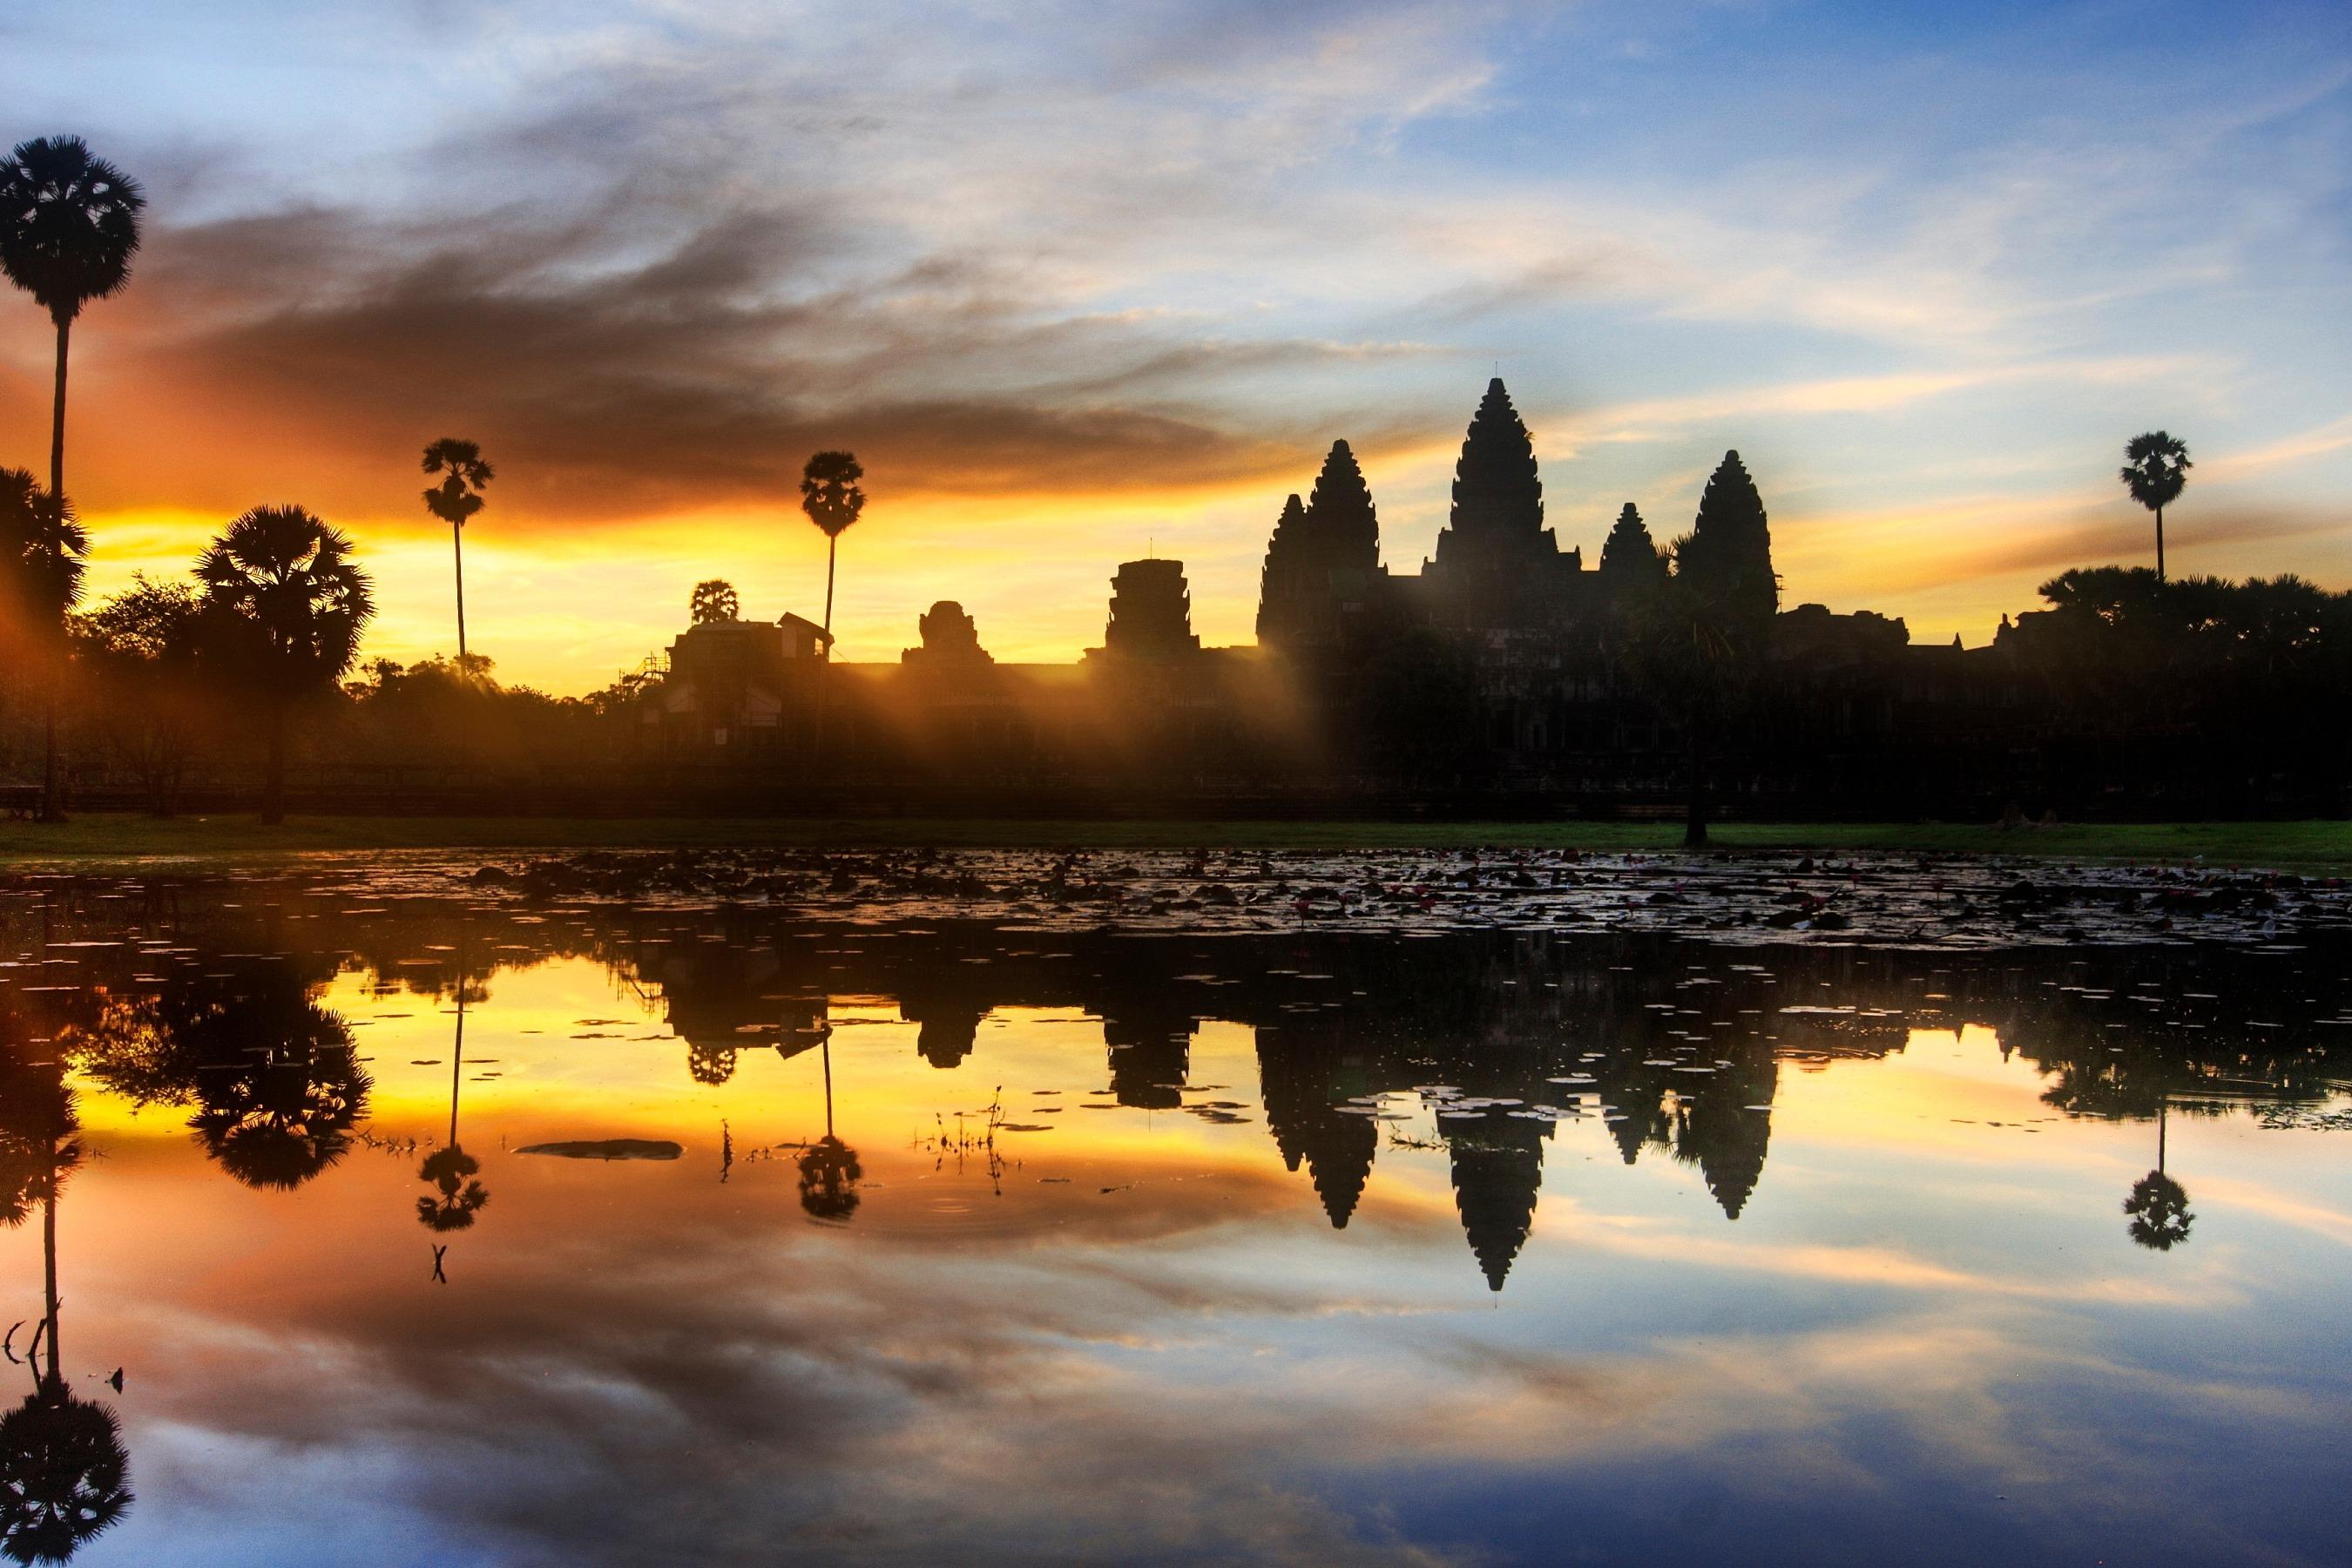 angkor-wat-temple-cambodia_edited